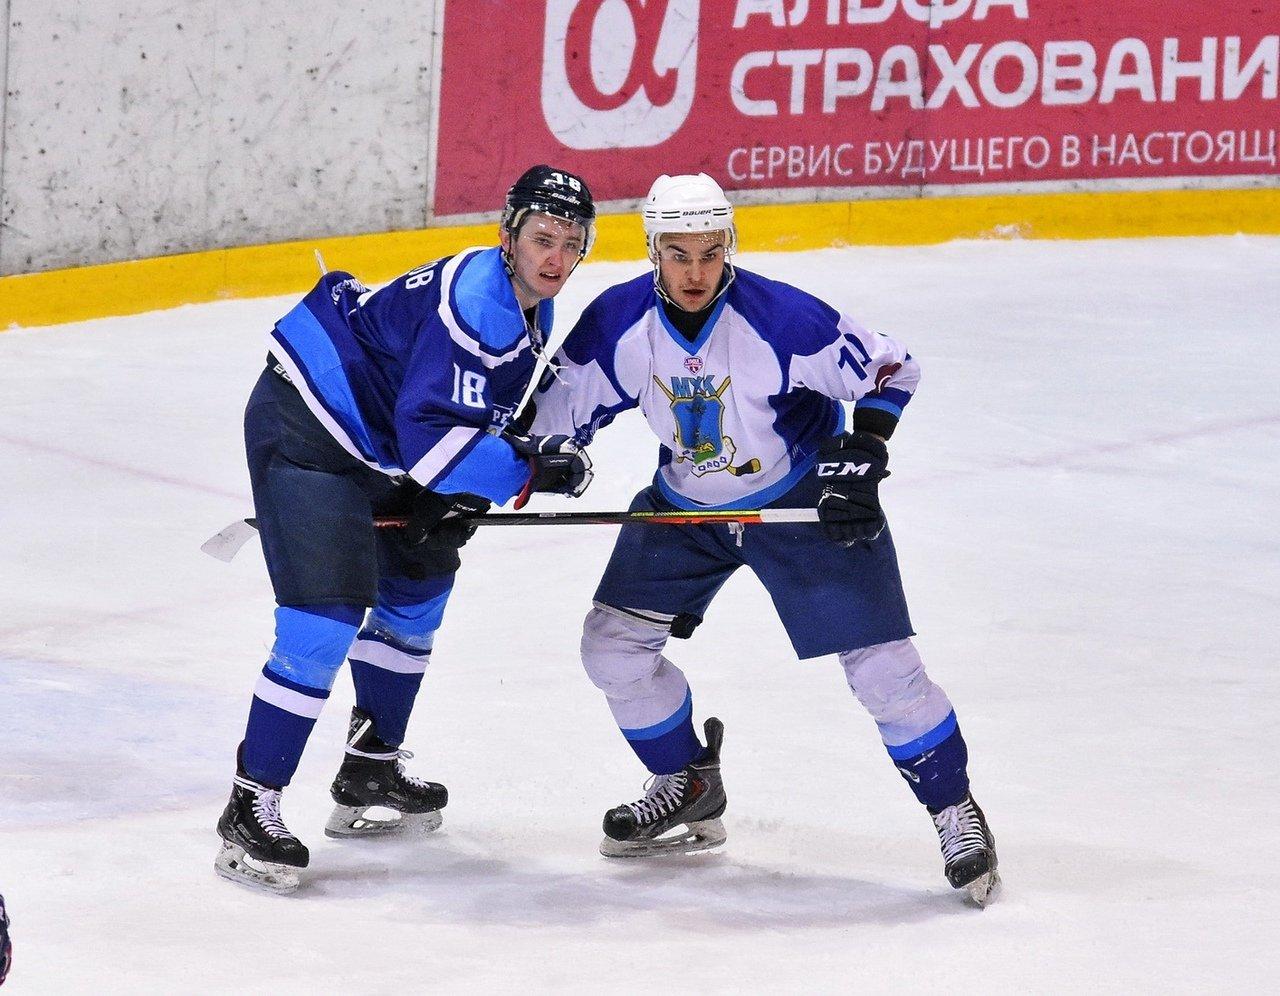 Игра в Рязани, Фото с сайта «Рязани-ВДВ»